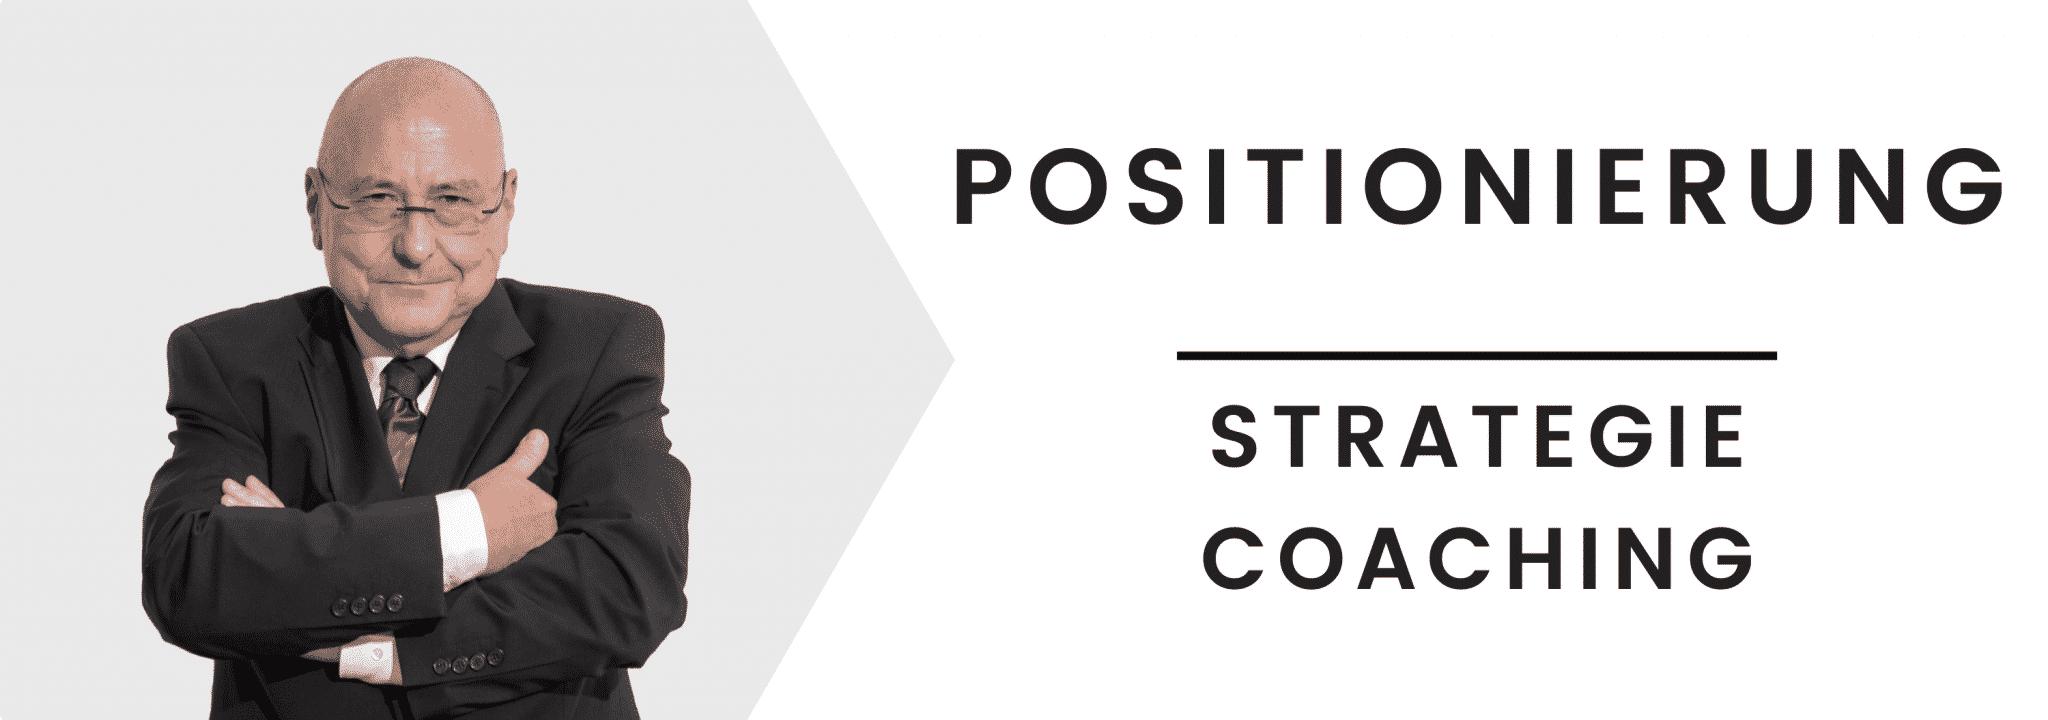 Positionierung Strategie Coaching